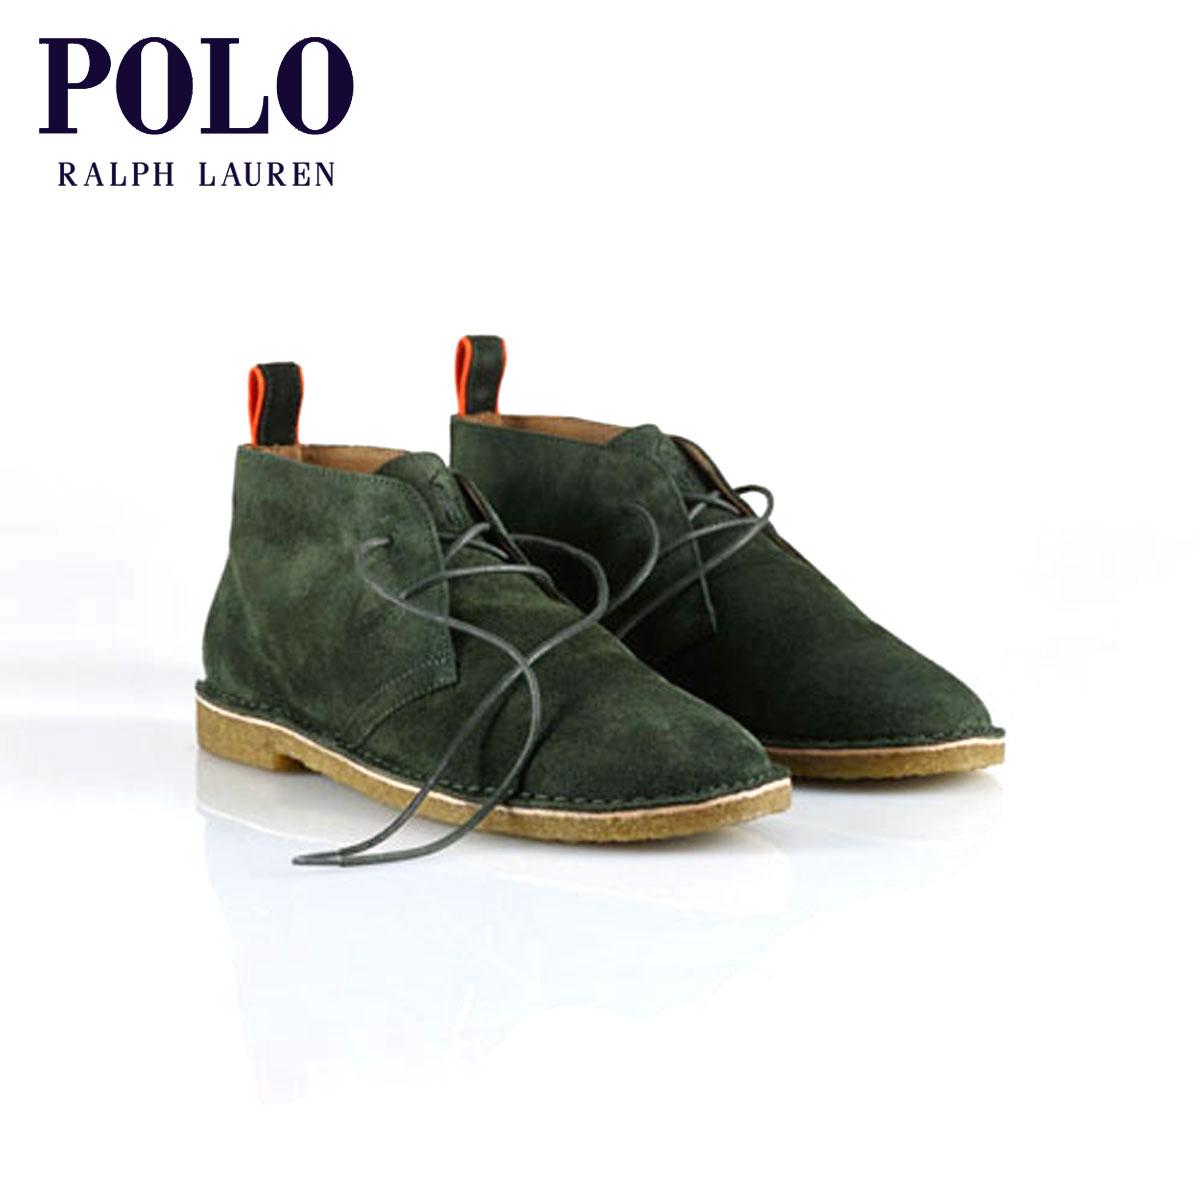 【販売期間 2/8 10:00〜2/18 09:59】 ポロ ラルフローレン POLO RALPH LAUREN 正規品 メンズ 靴 Casterton Suede Chukka Boot D20S30